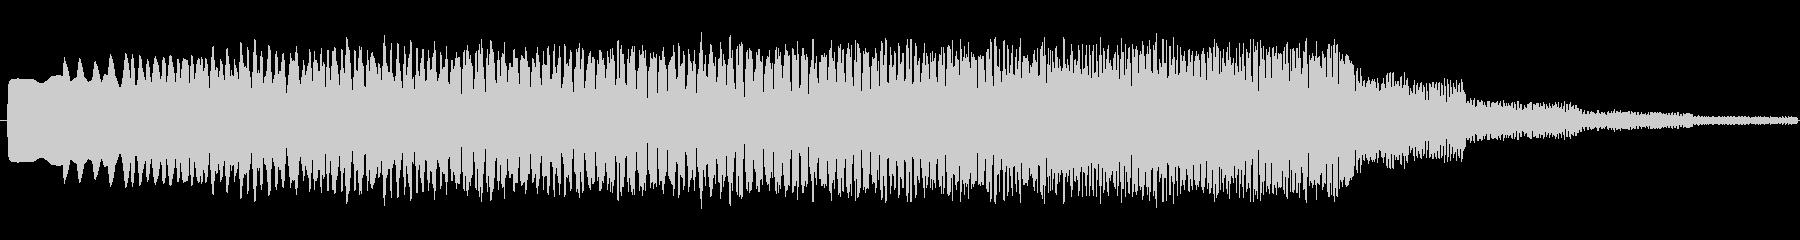 ヒュ~~ンという効果音の中くらいバージ…の未再生の波形